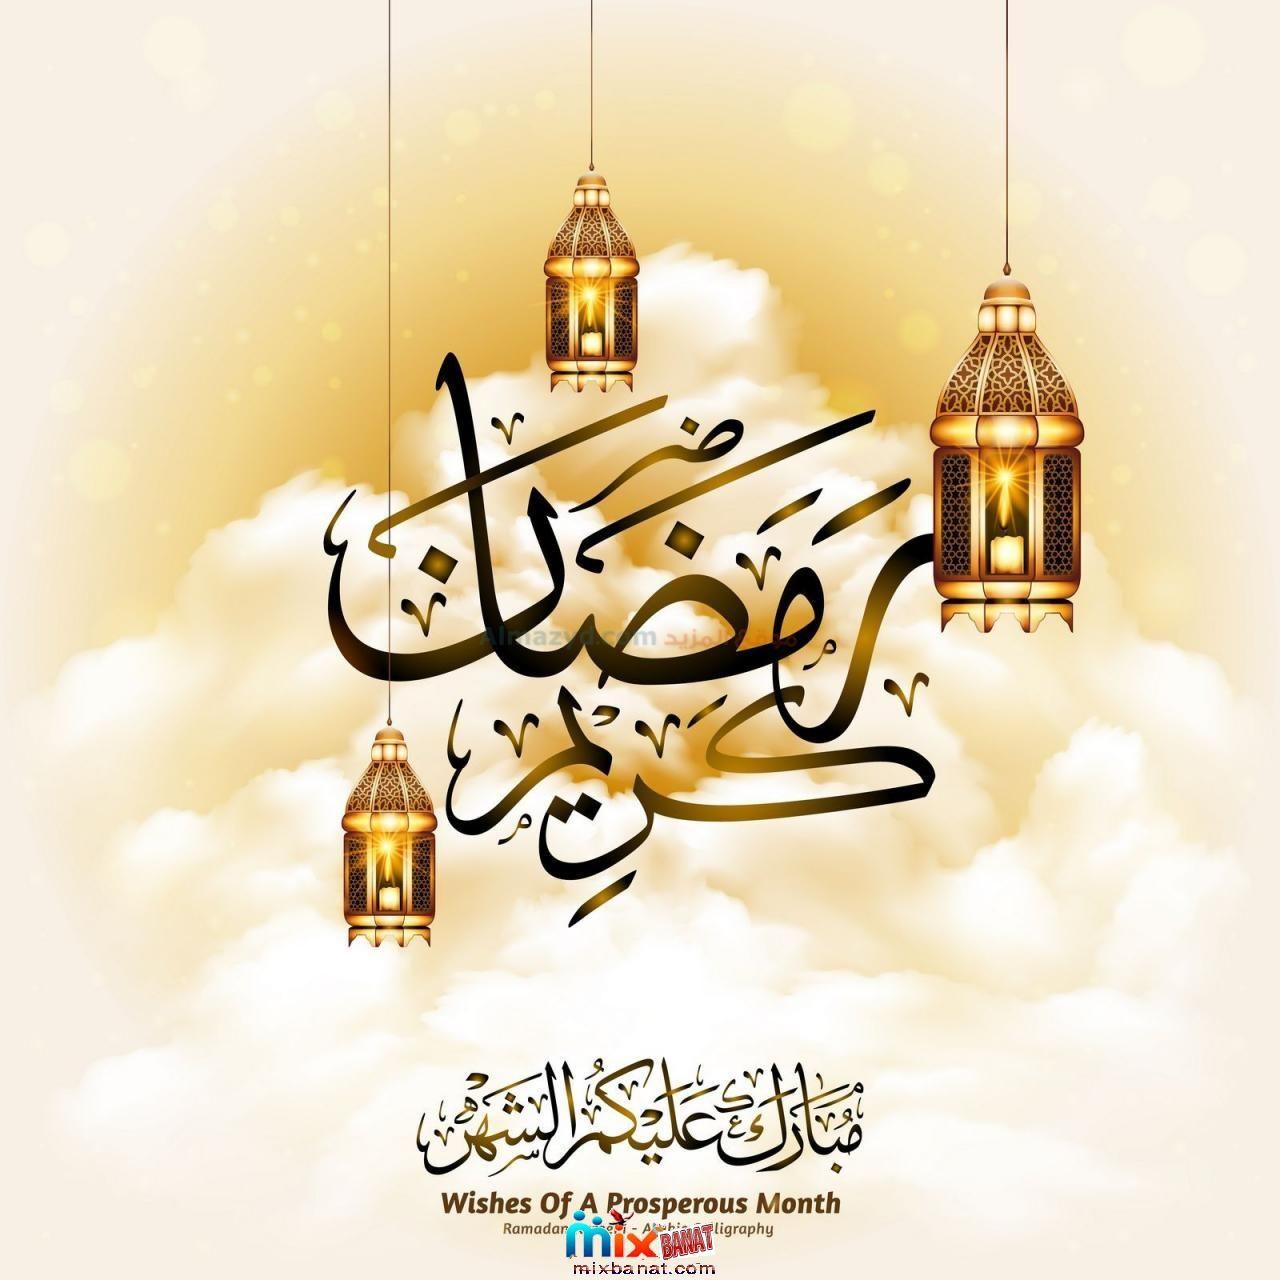 صور رمضان بحث Google In 2020 Ramadan Kareem Decoration Ramadan Kareem Ramadan